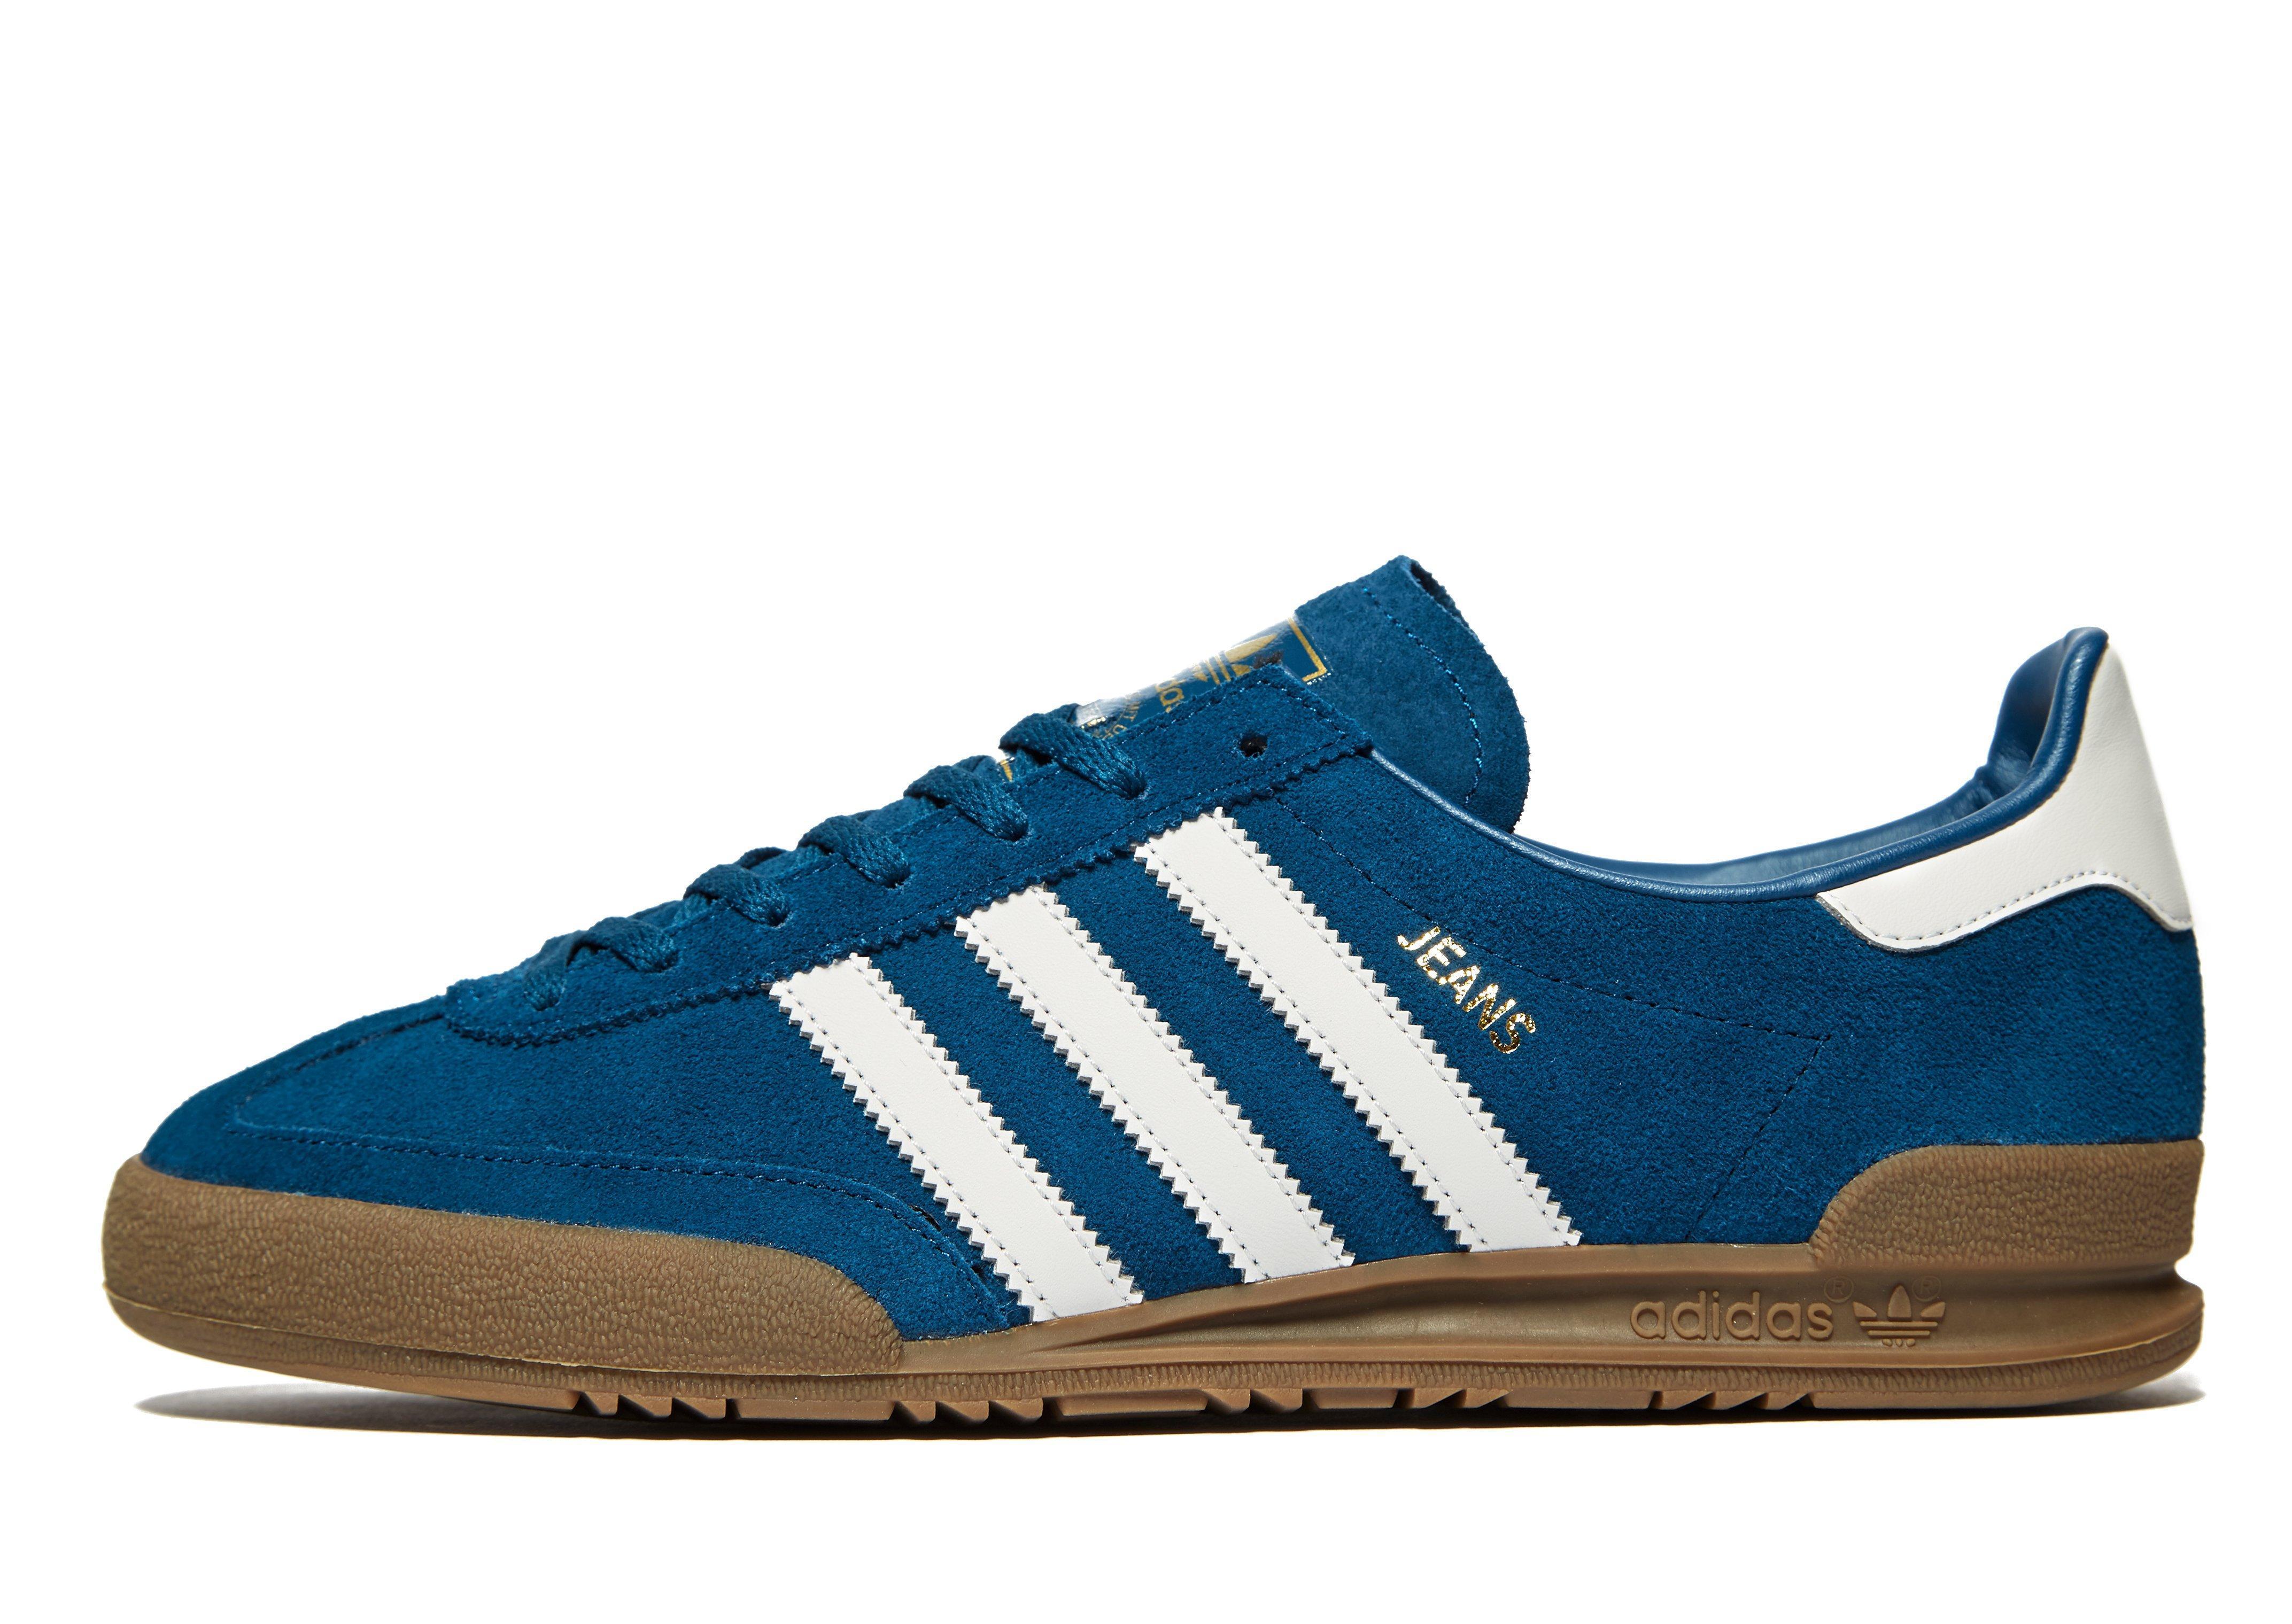 Adidas Shoes Uk Jd